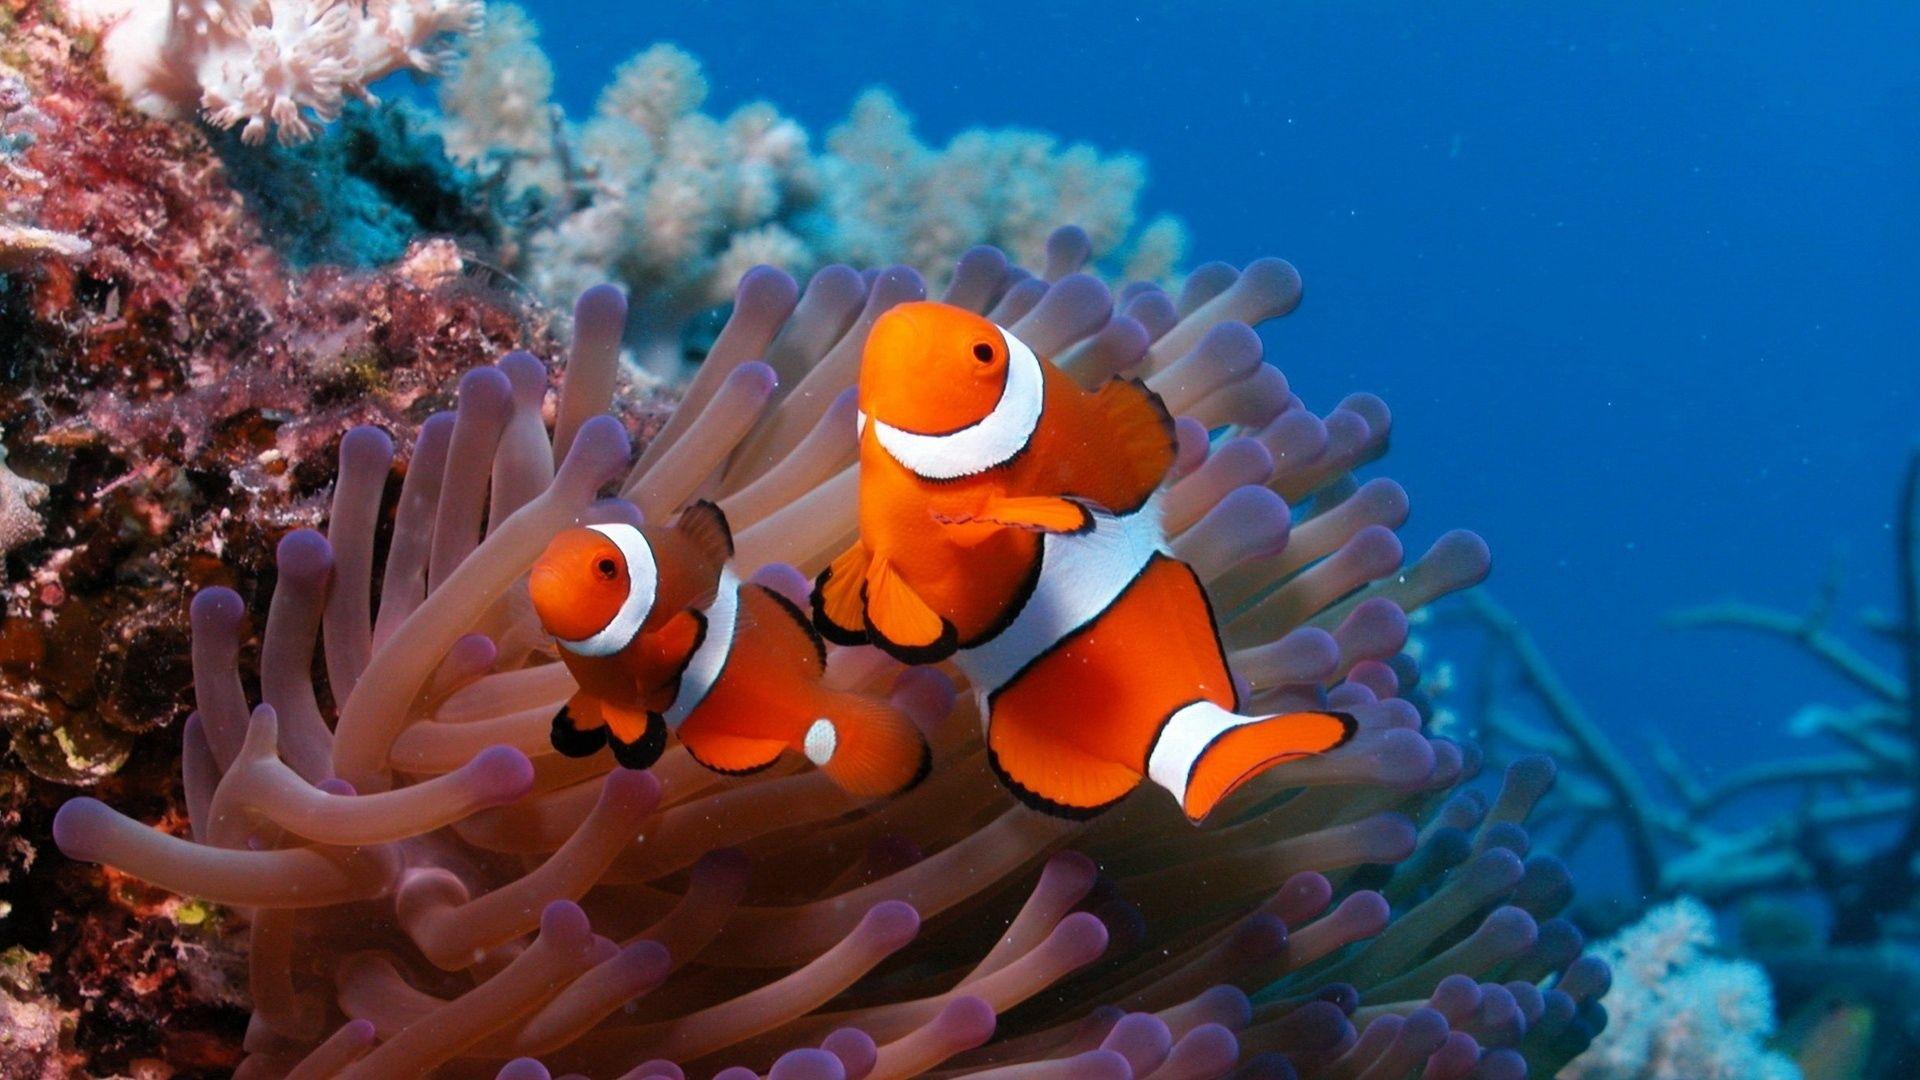 152941 免費下載壁紙 动物, 海, 礁, 礁石, 珊瑚, 小鱼, 鱼, 海葵, 阿克提尼亚, 小丑 屏保和圖片